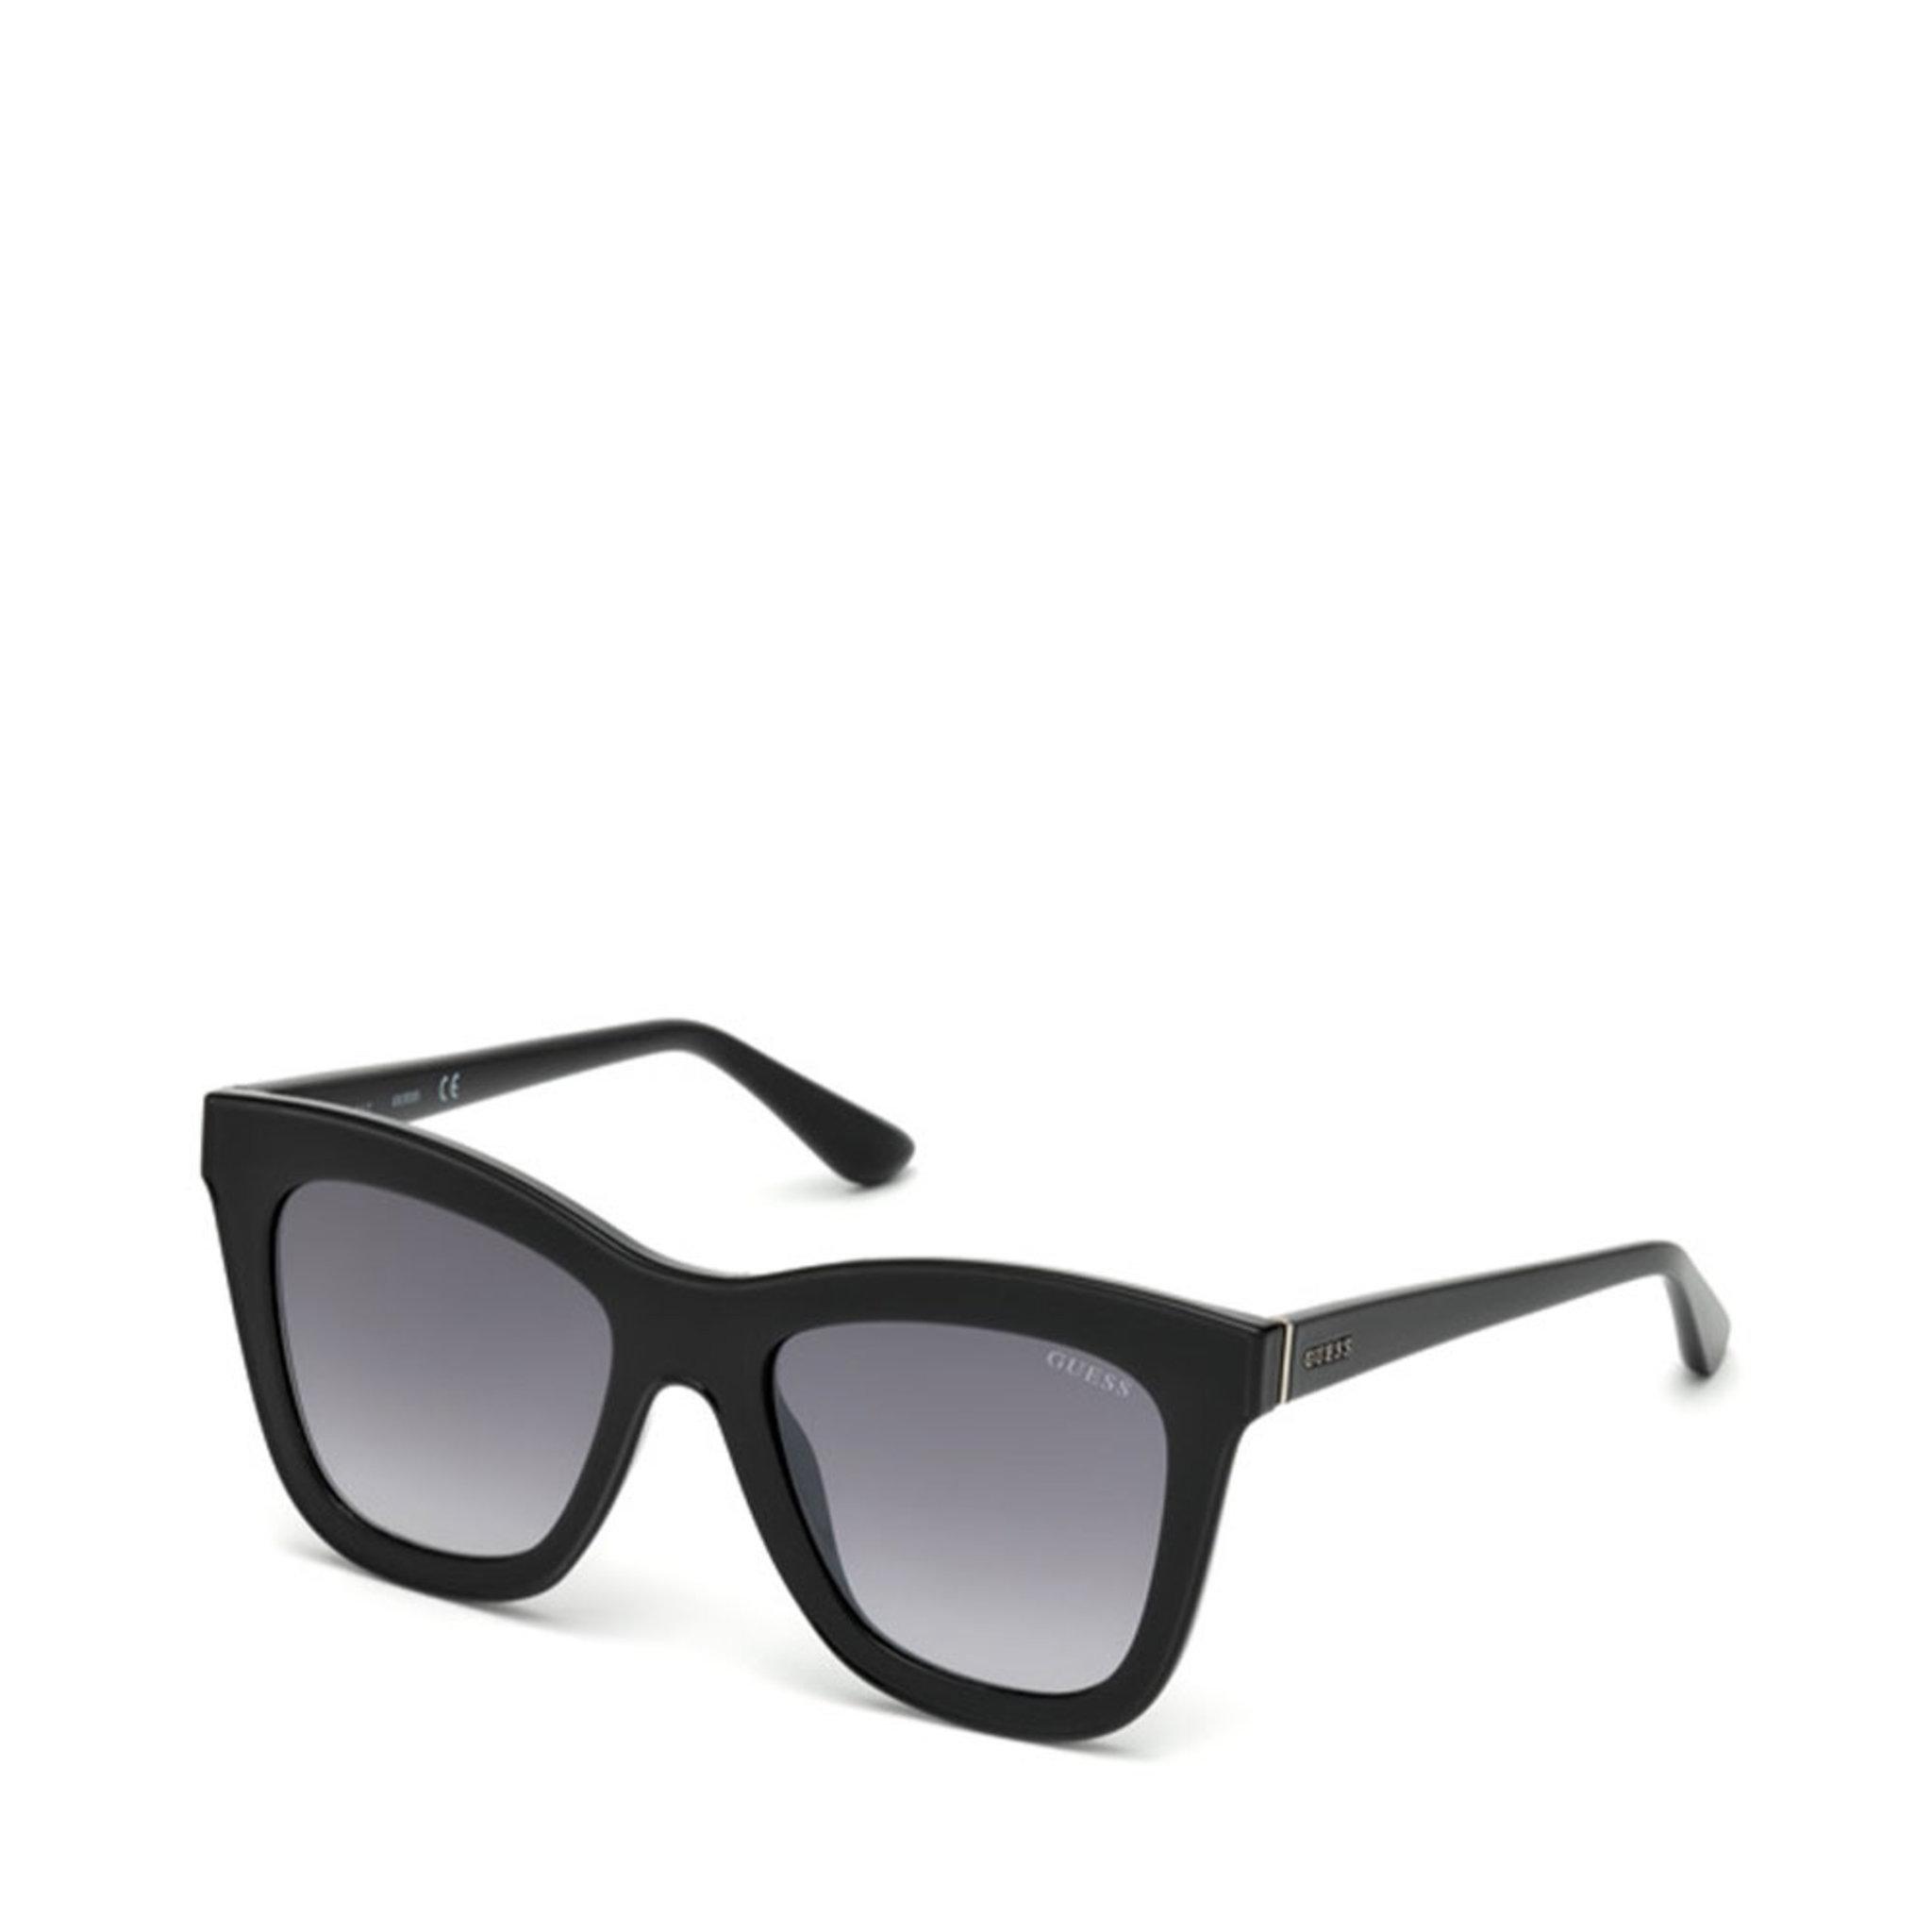 Sunglasses GU7526